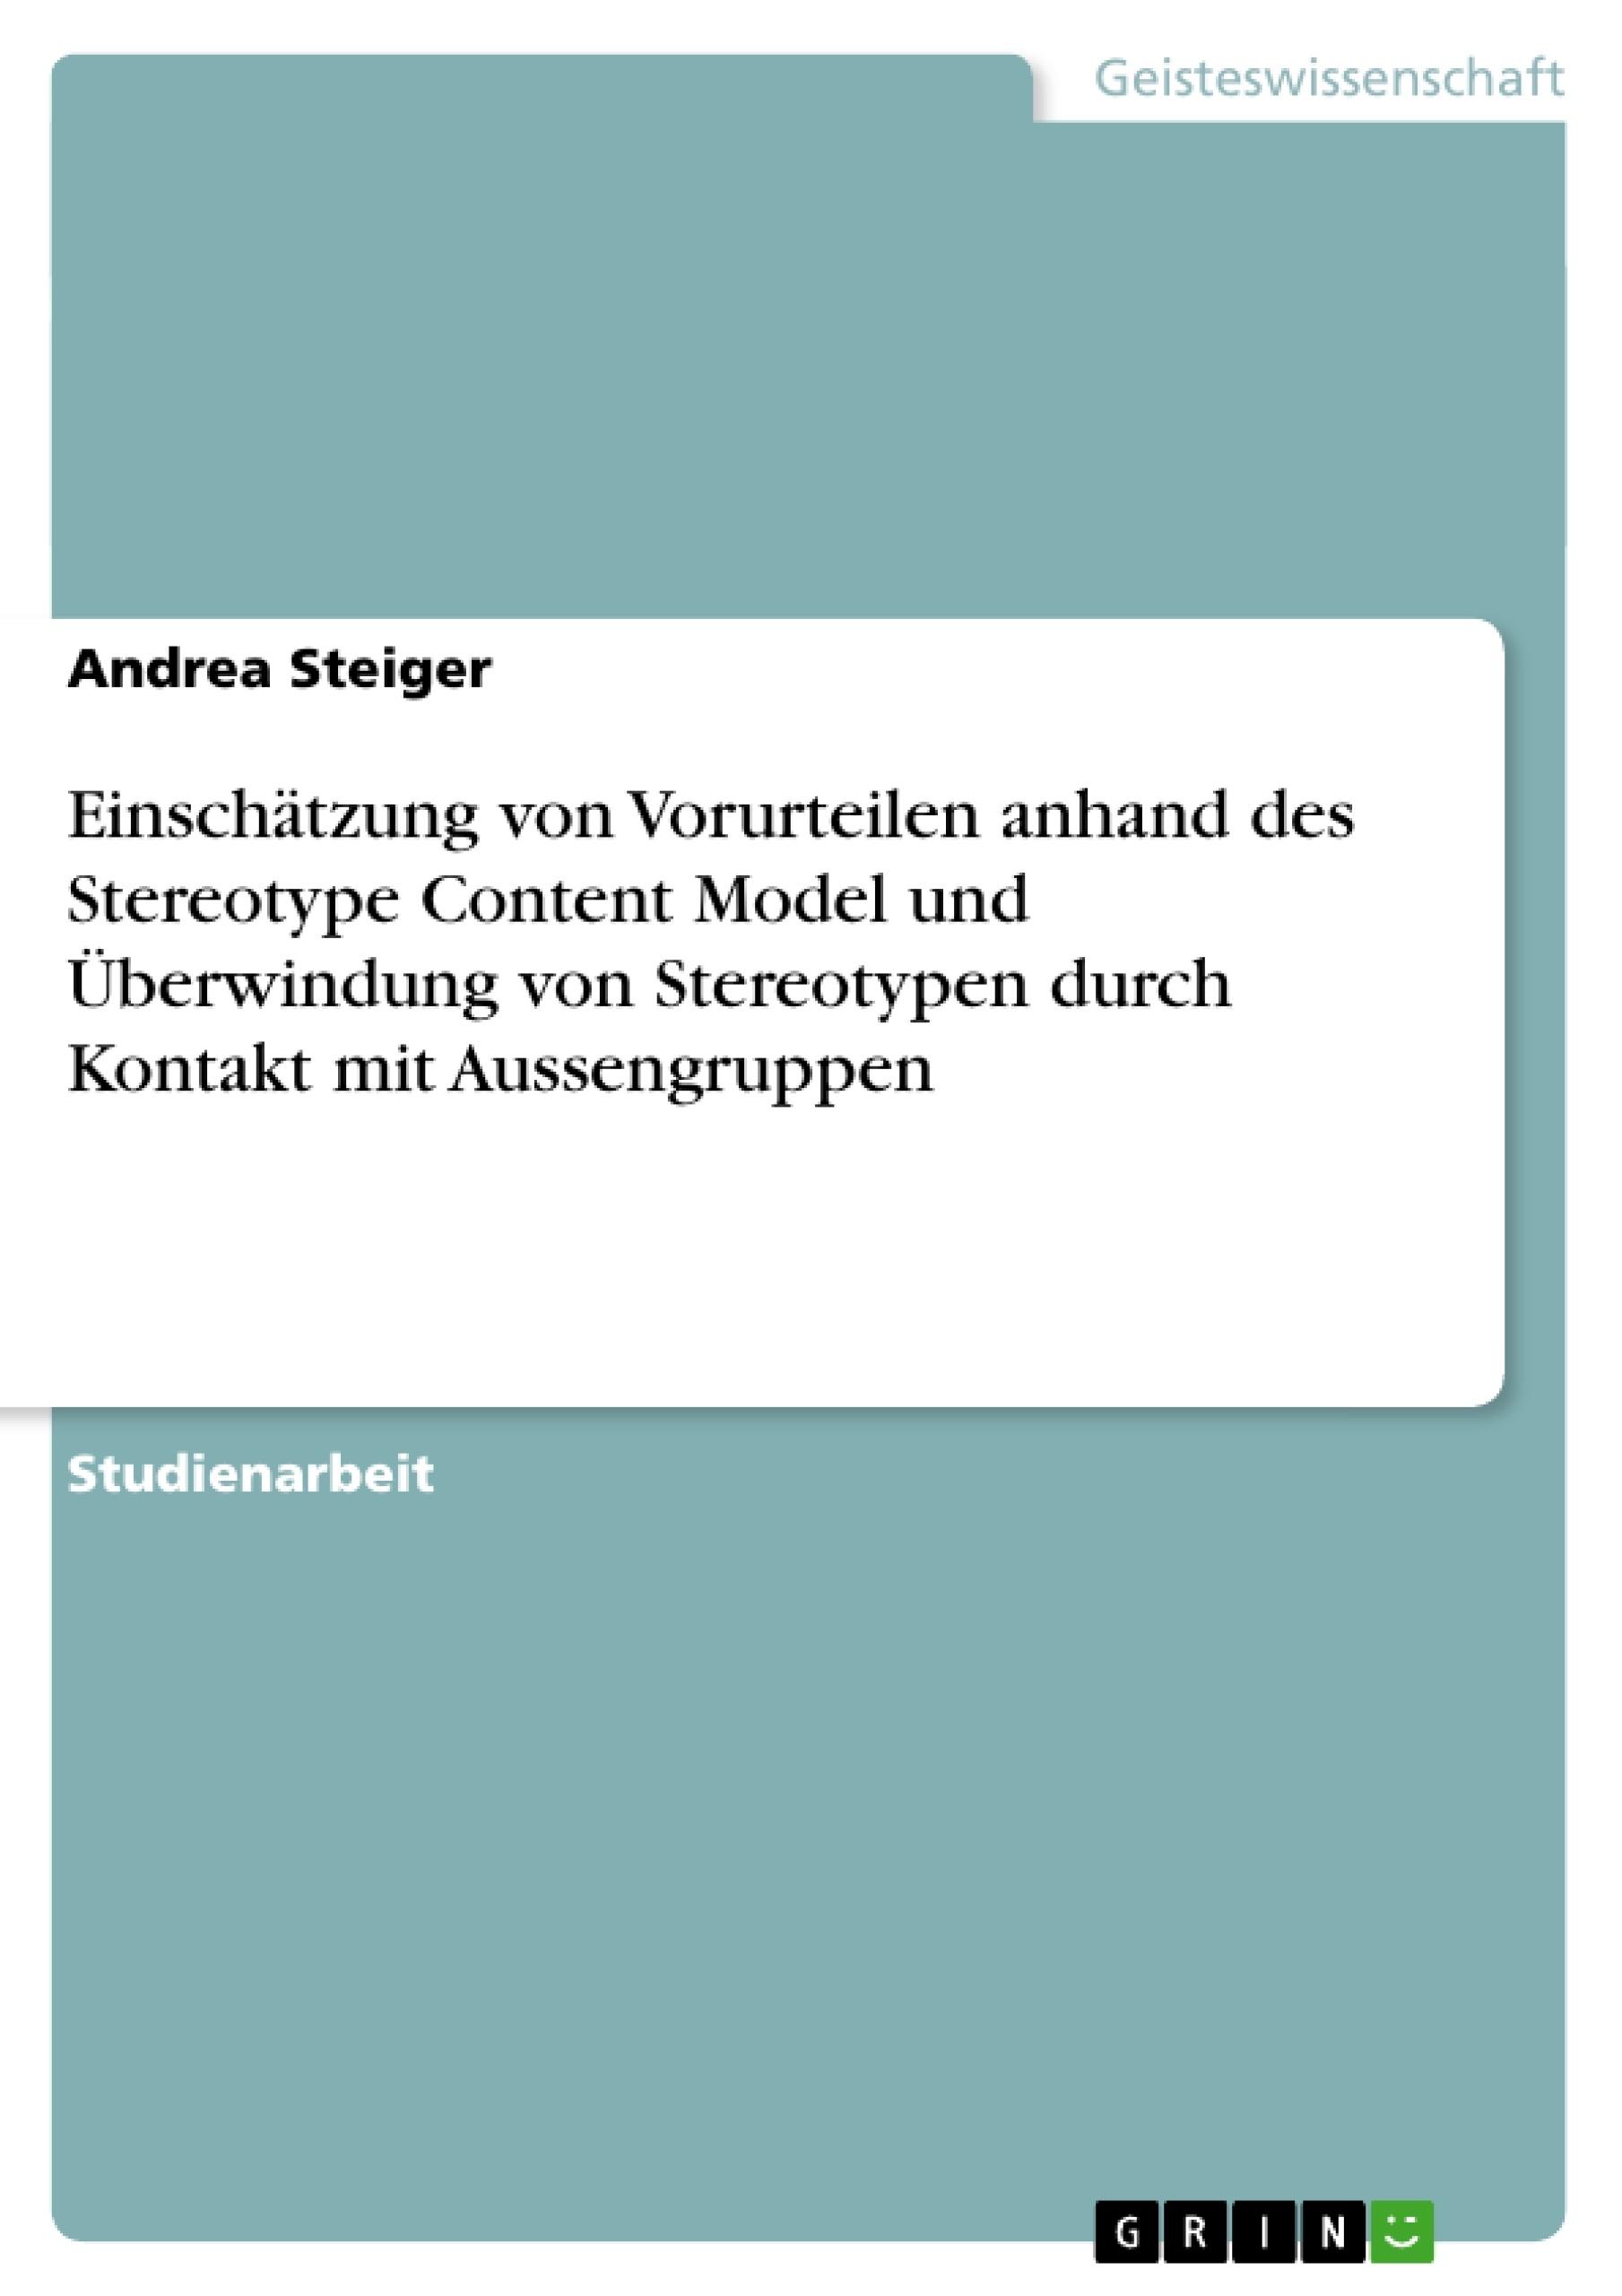 Titel: Einschätzung von Vorurteilen anhand des Stereotype Content Model und Überwindung von Stereotypen durch Kontakt mit Aussengruppen